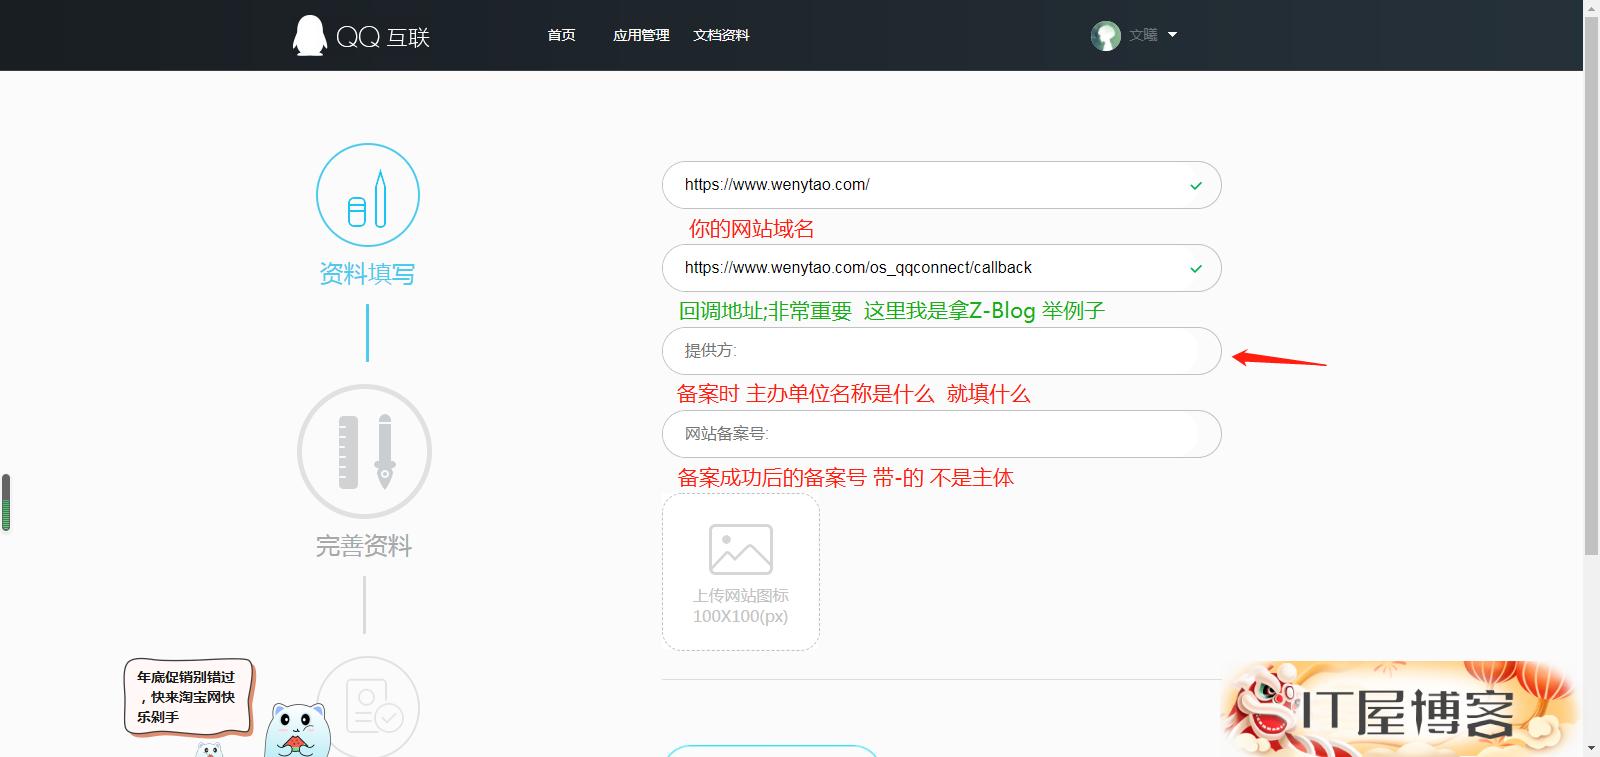 申请成为QQ互联个人开发者步骤(注意事项)【2021最新】  申请成为QQ互联 第7张